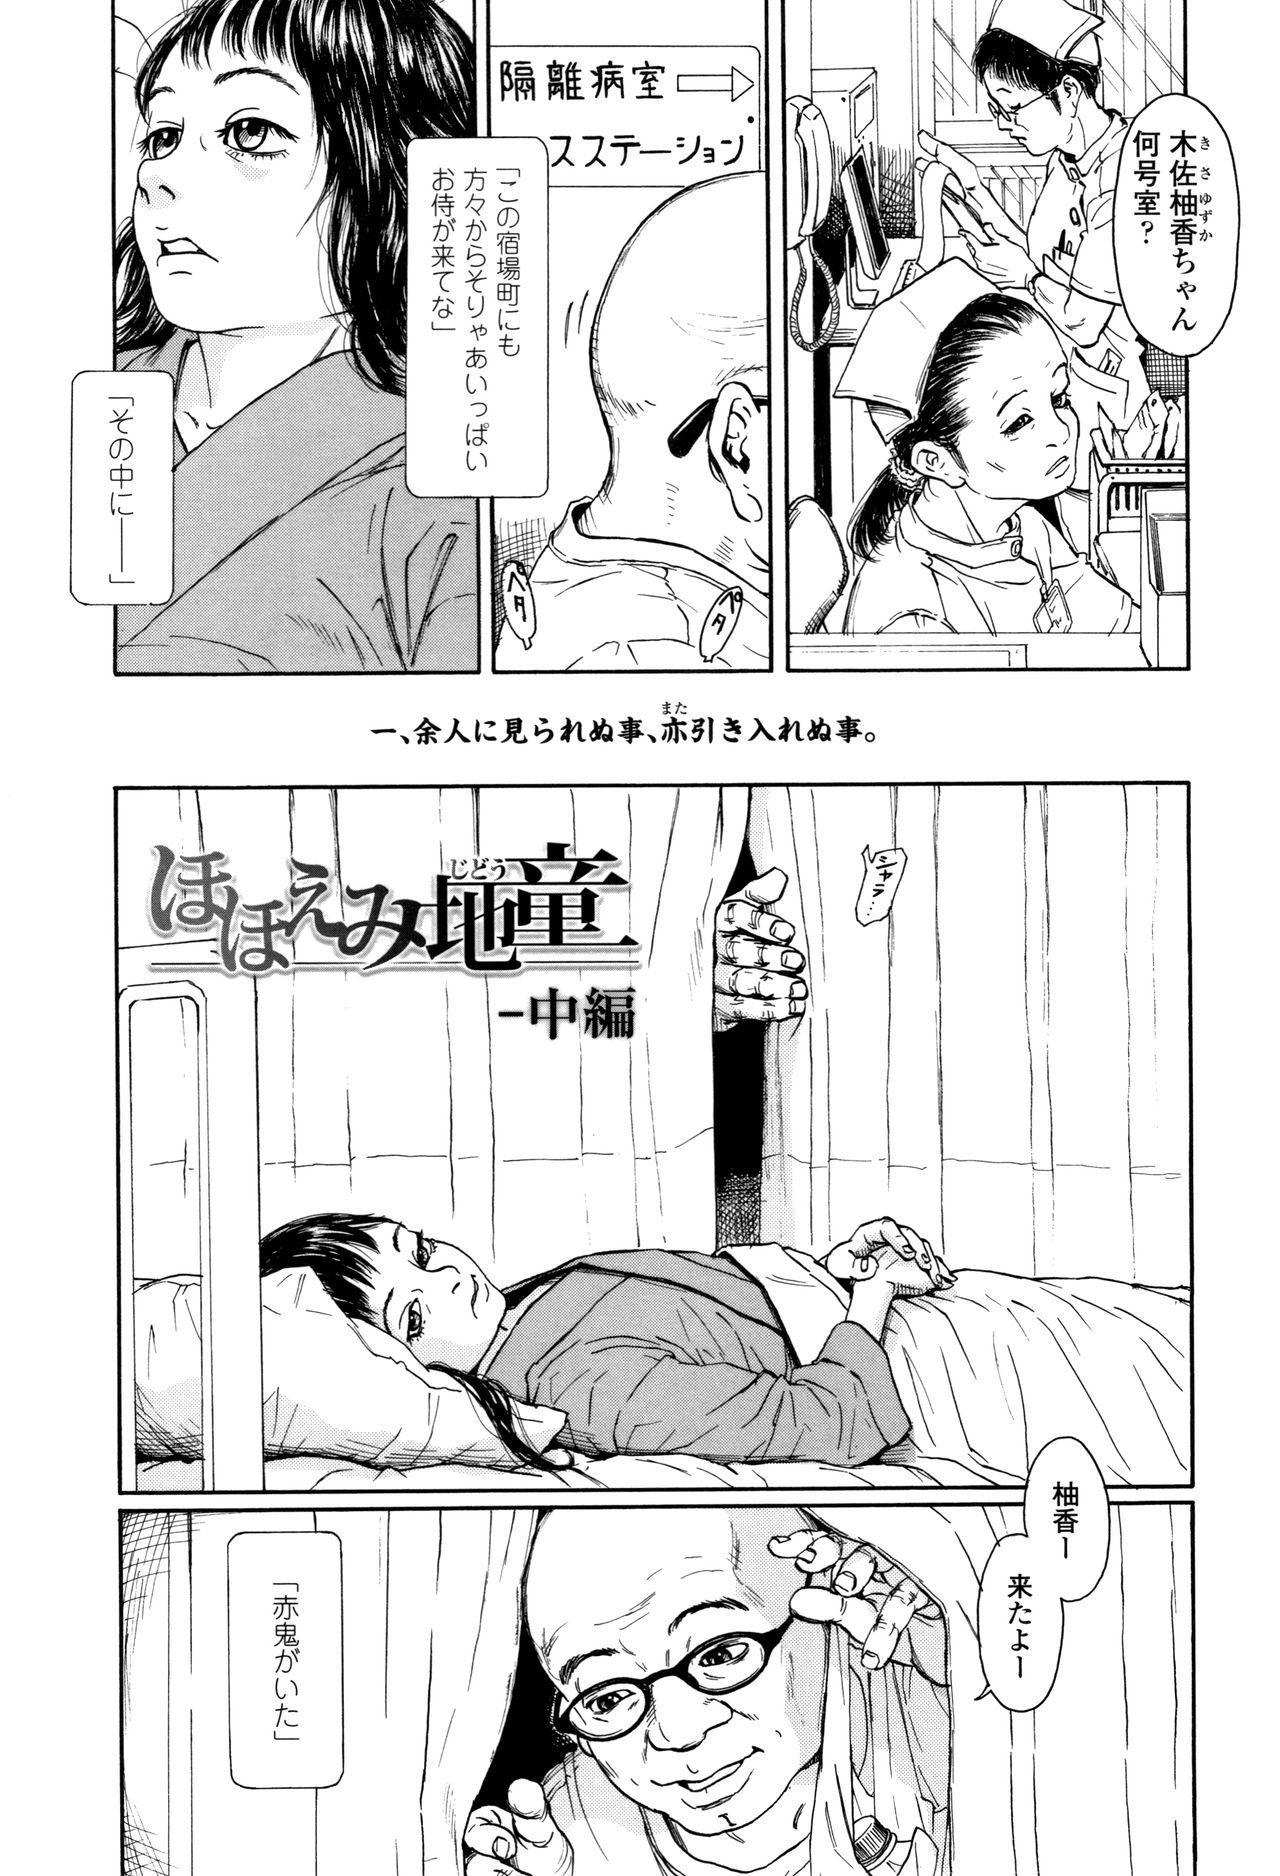 Chiisai Karada ni Shiroi Kage 39